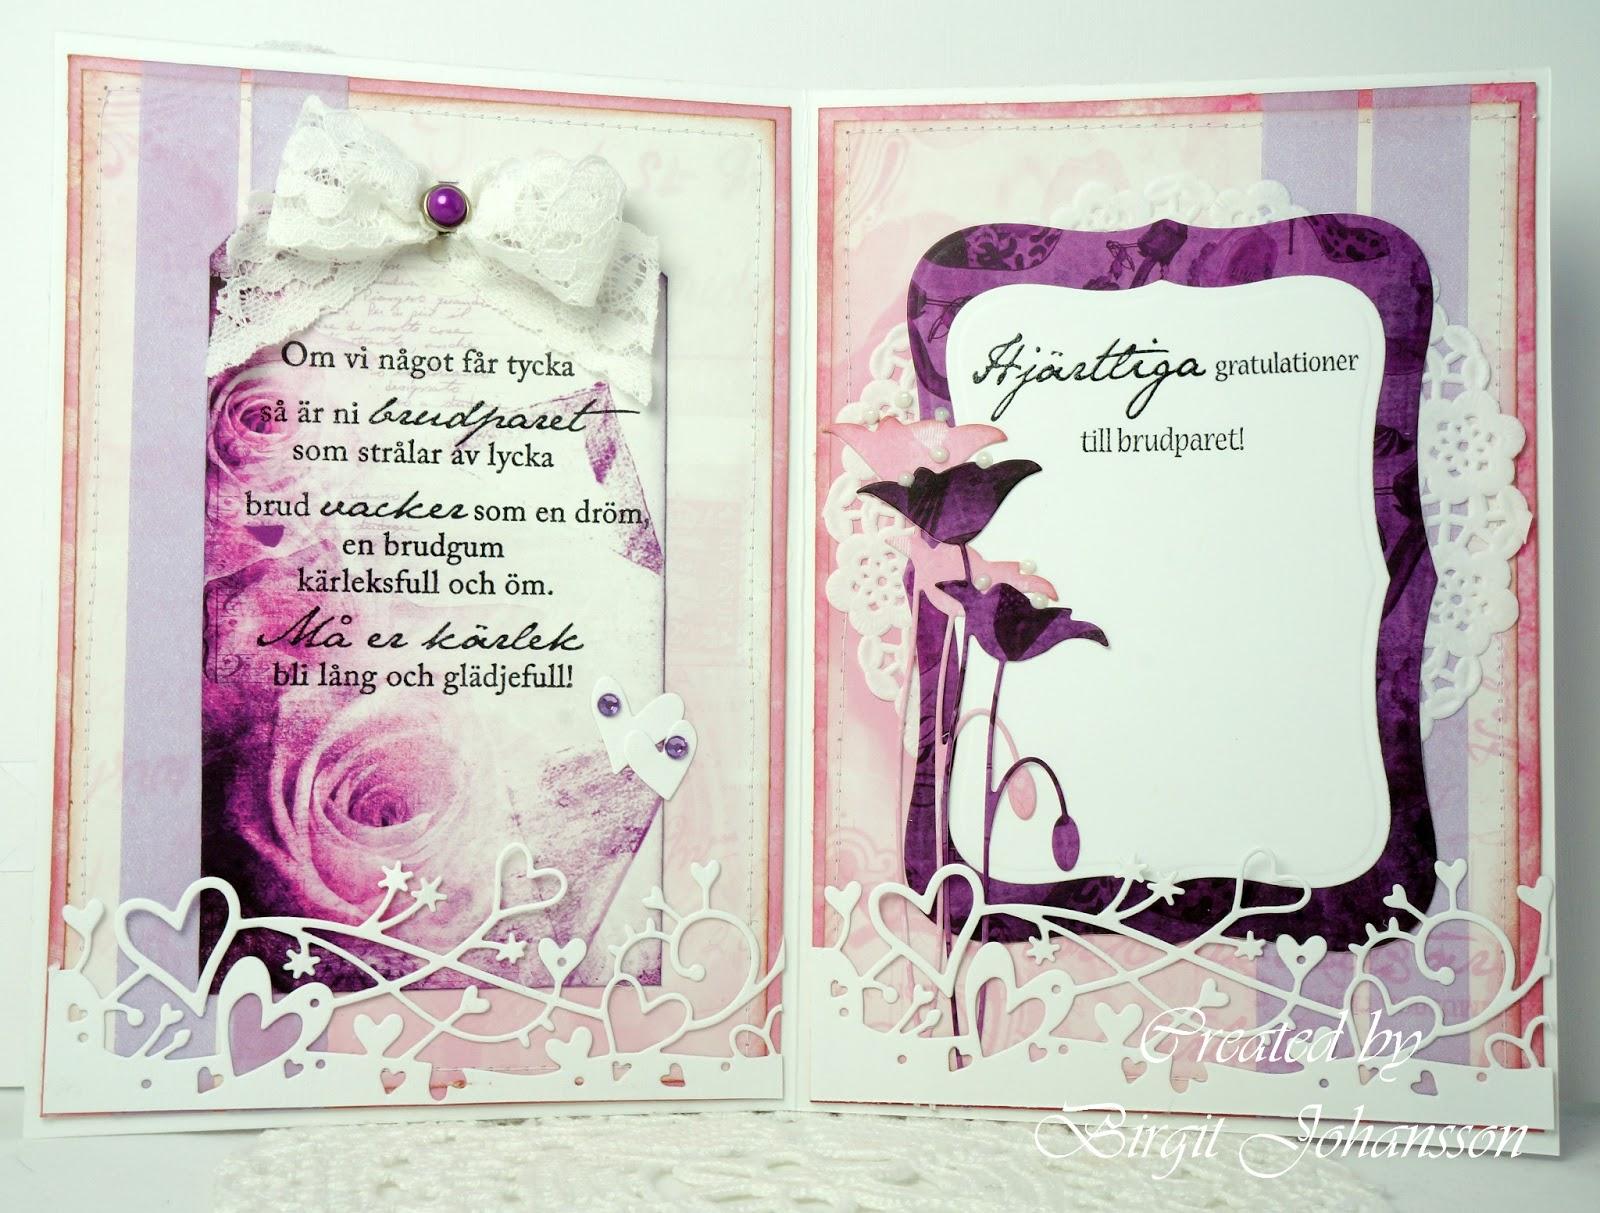 brudpar gratulationer K designs Blog: Ohvad roligt med bröllop! brudpar gratulationer